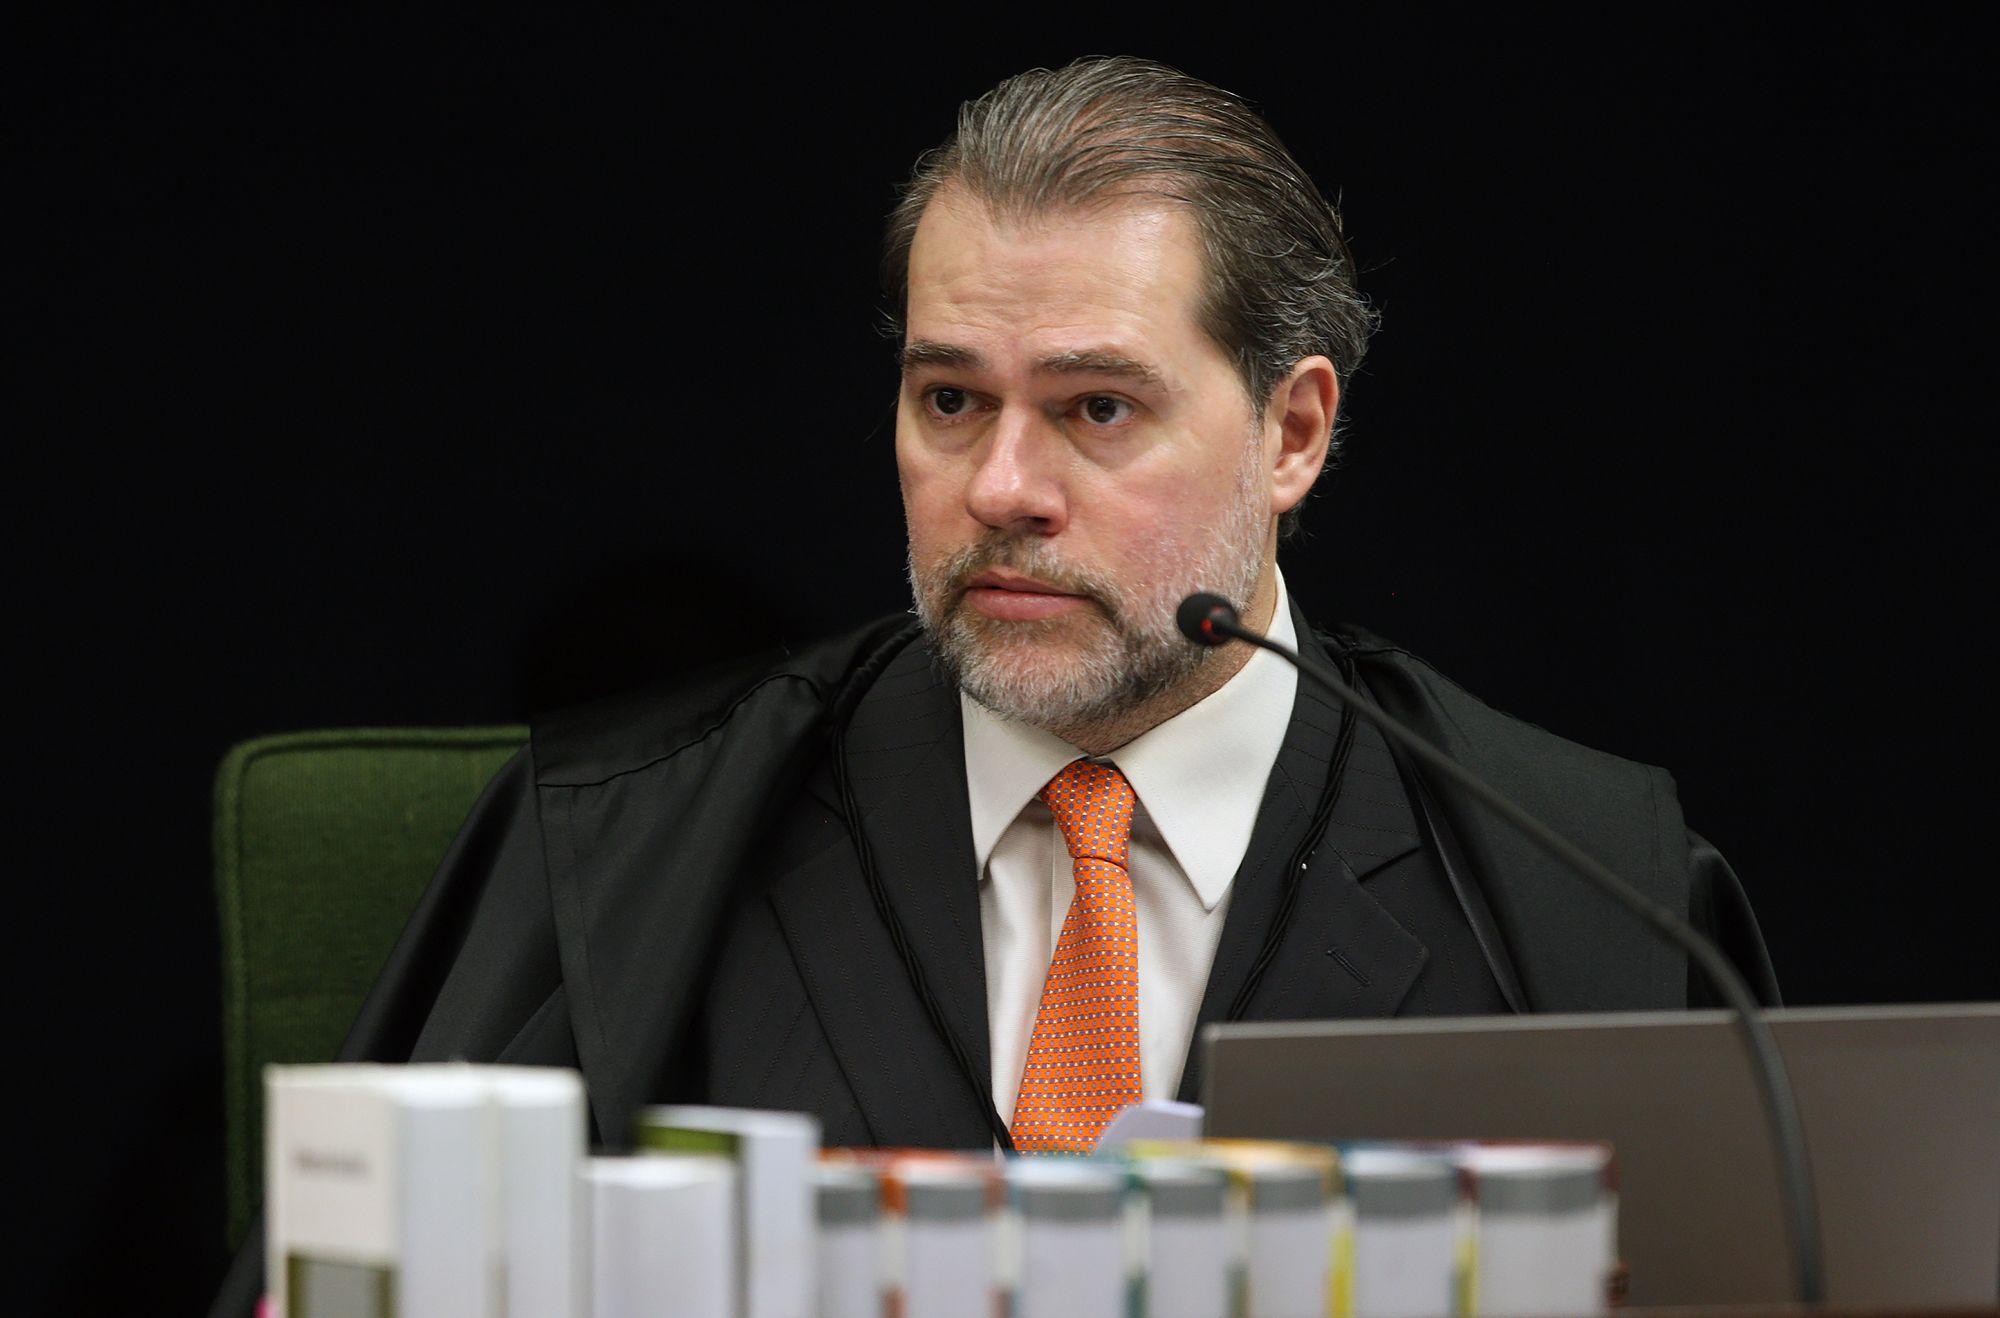 Ministro Dias Toffoli durante sessão da 2ª turma do STF